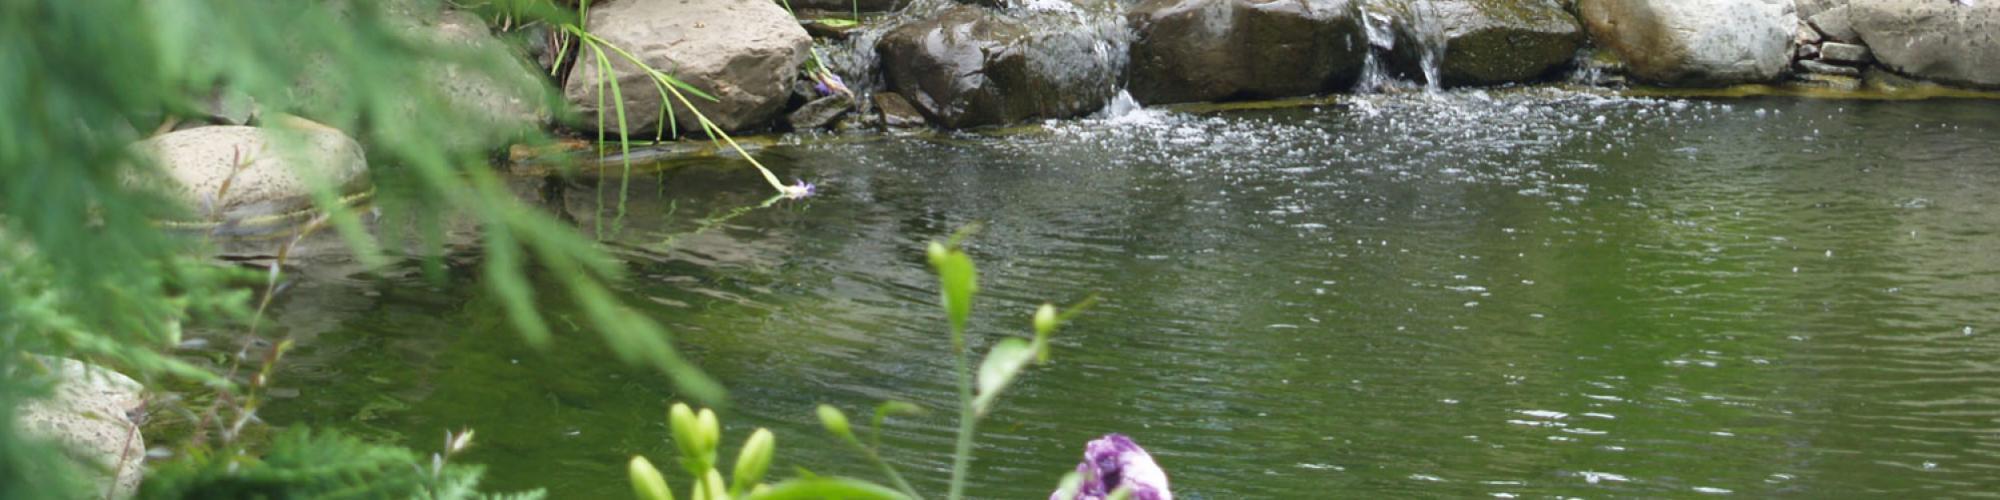 Laghetti e fontane da giardino girotti il mondo all 39 aperto for Laghetti ornamentali da giardino